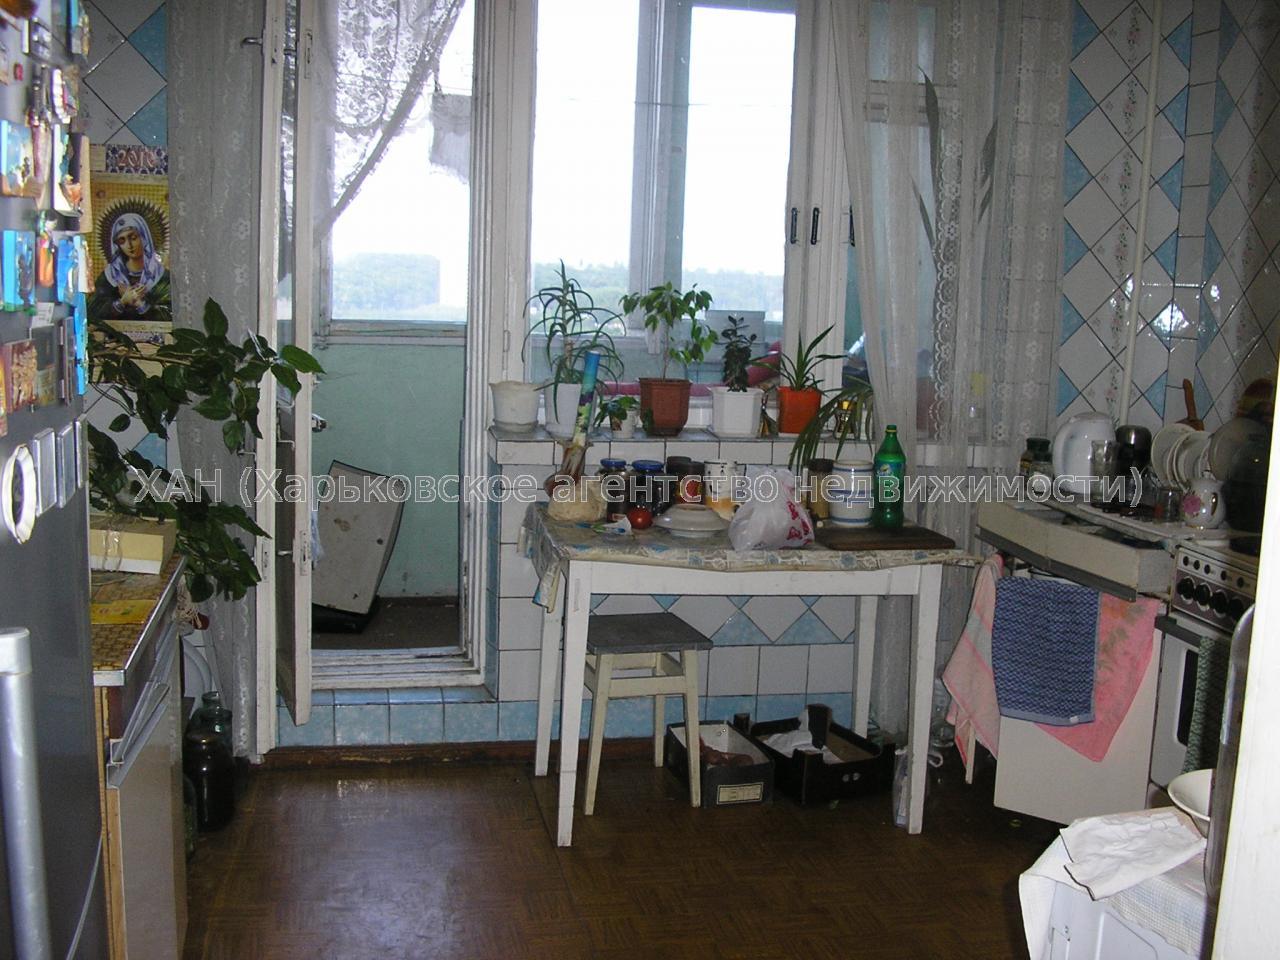 Продам квартиру Харьков, Балакирева ул. 5